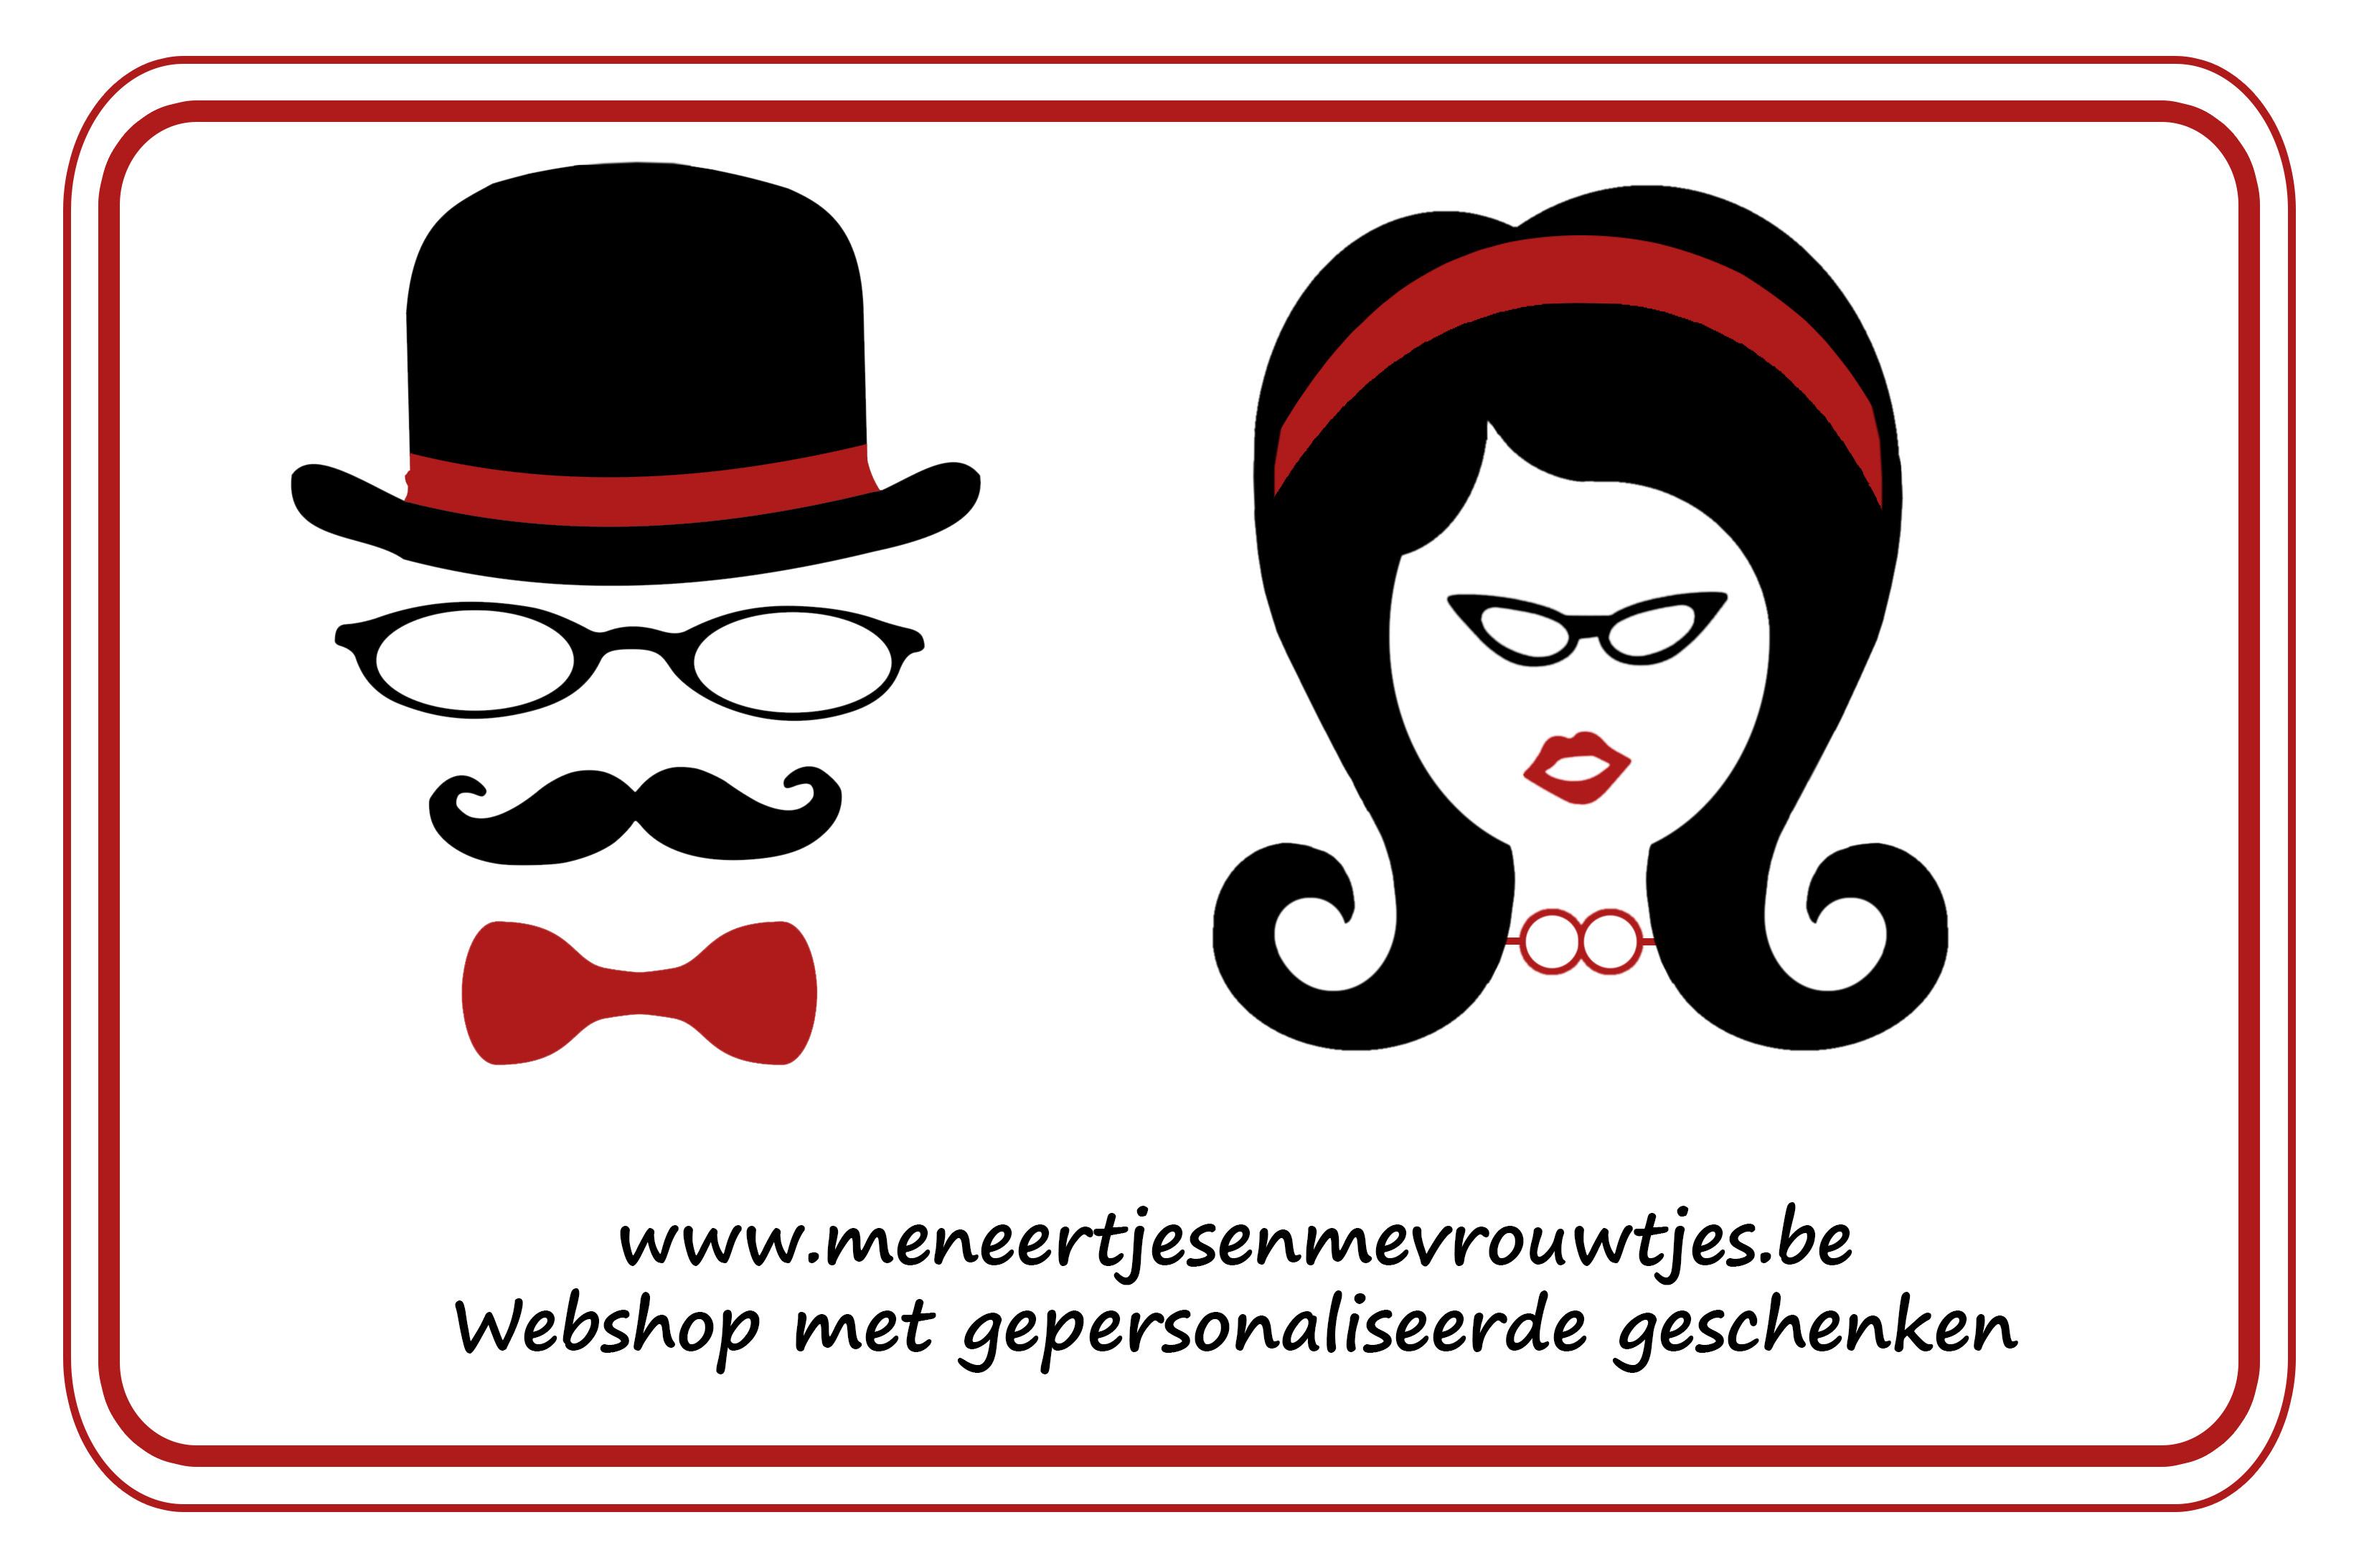 Meneertjes en Mevrouwtjes promotie : Dag van de Webshop